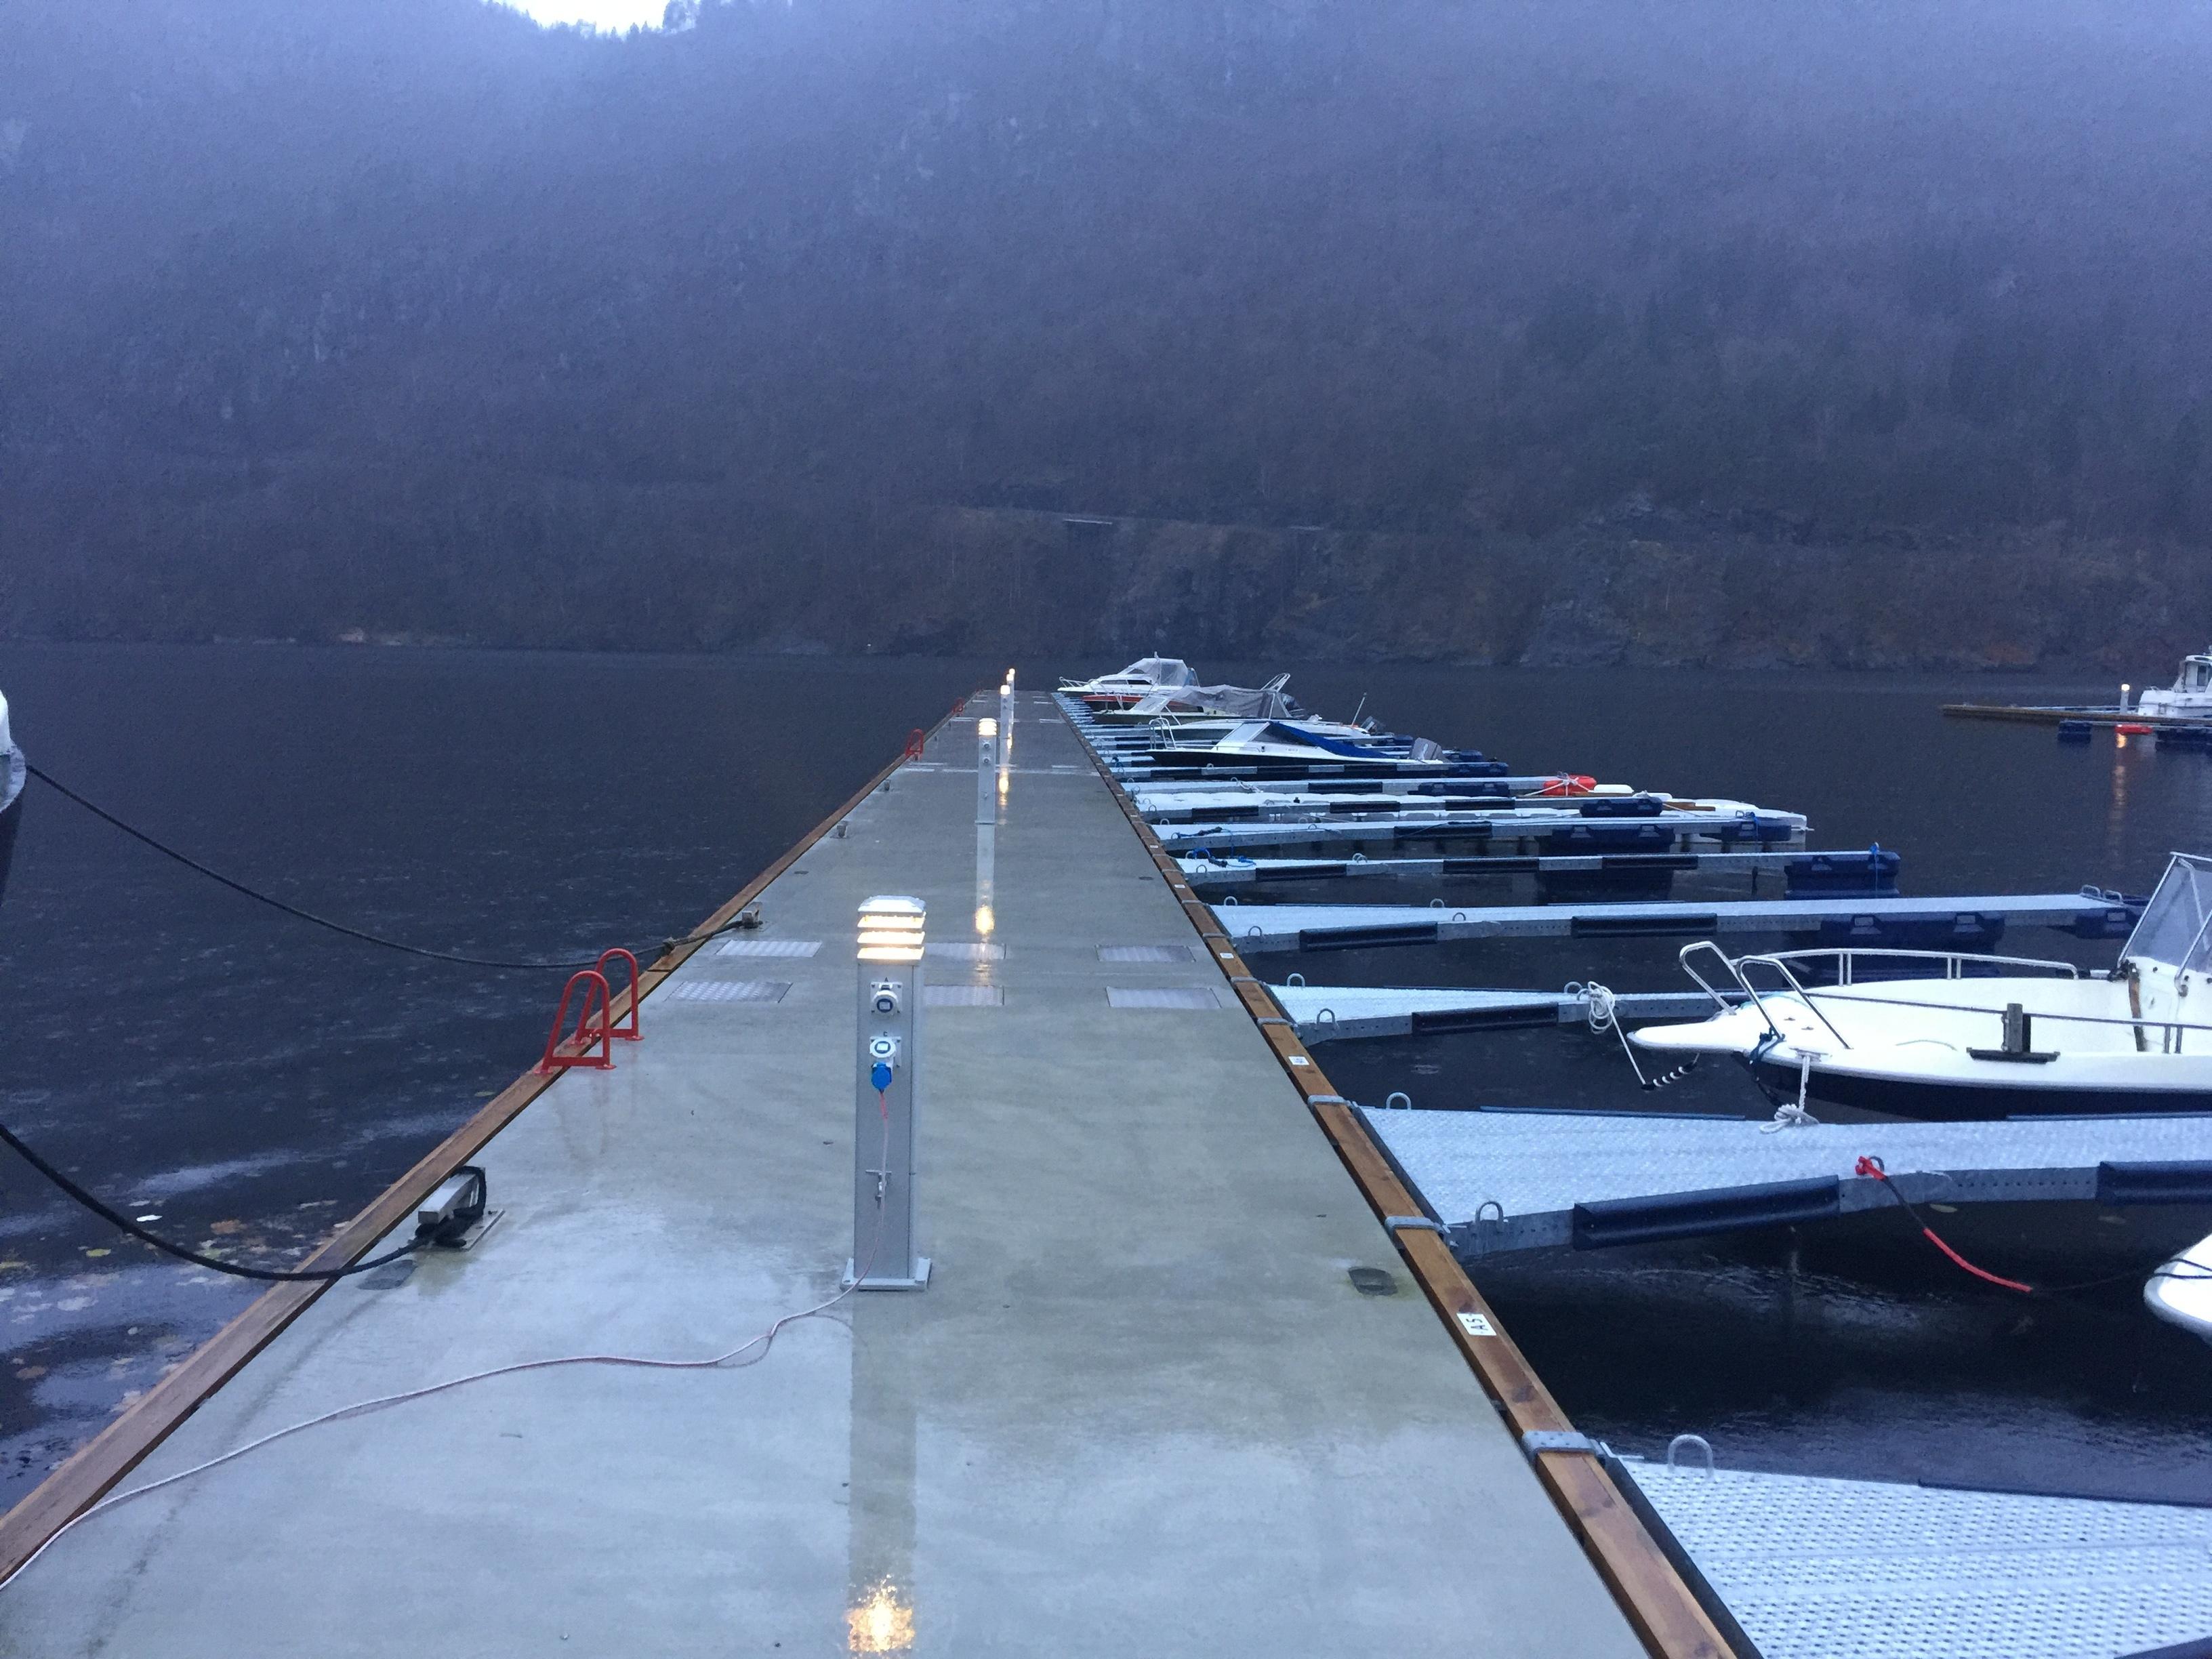 https://marinasolutions.no/uploads/Granvin-Båtlag-3.JPG